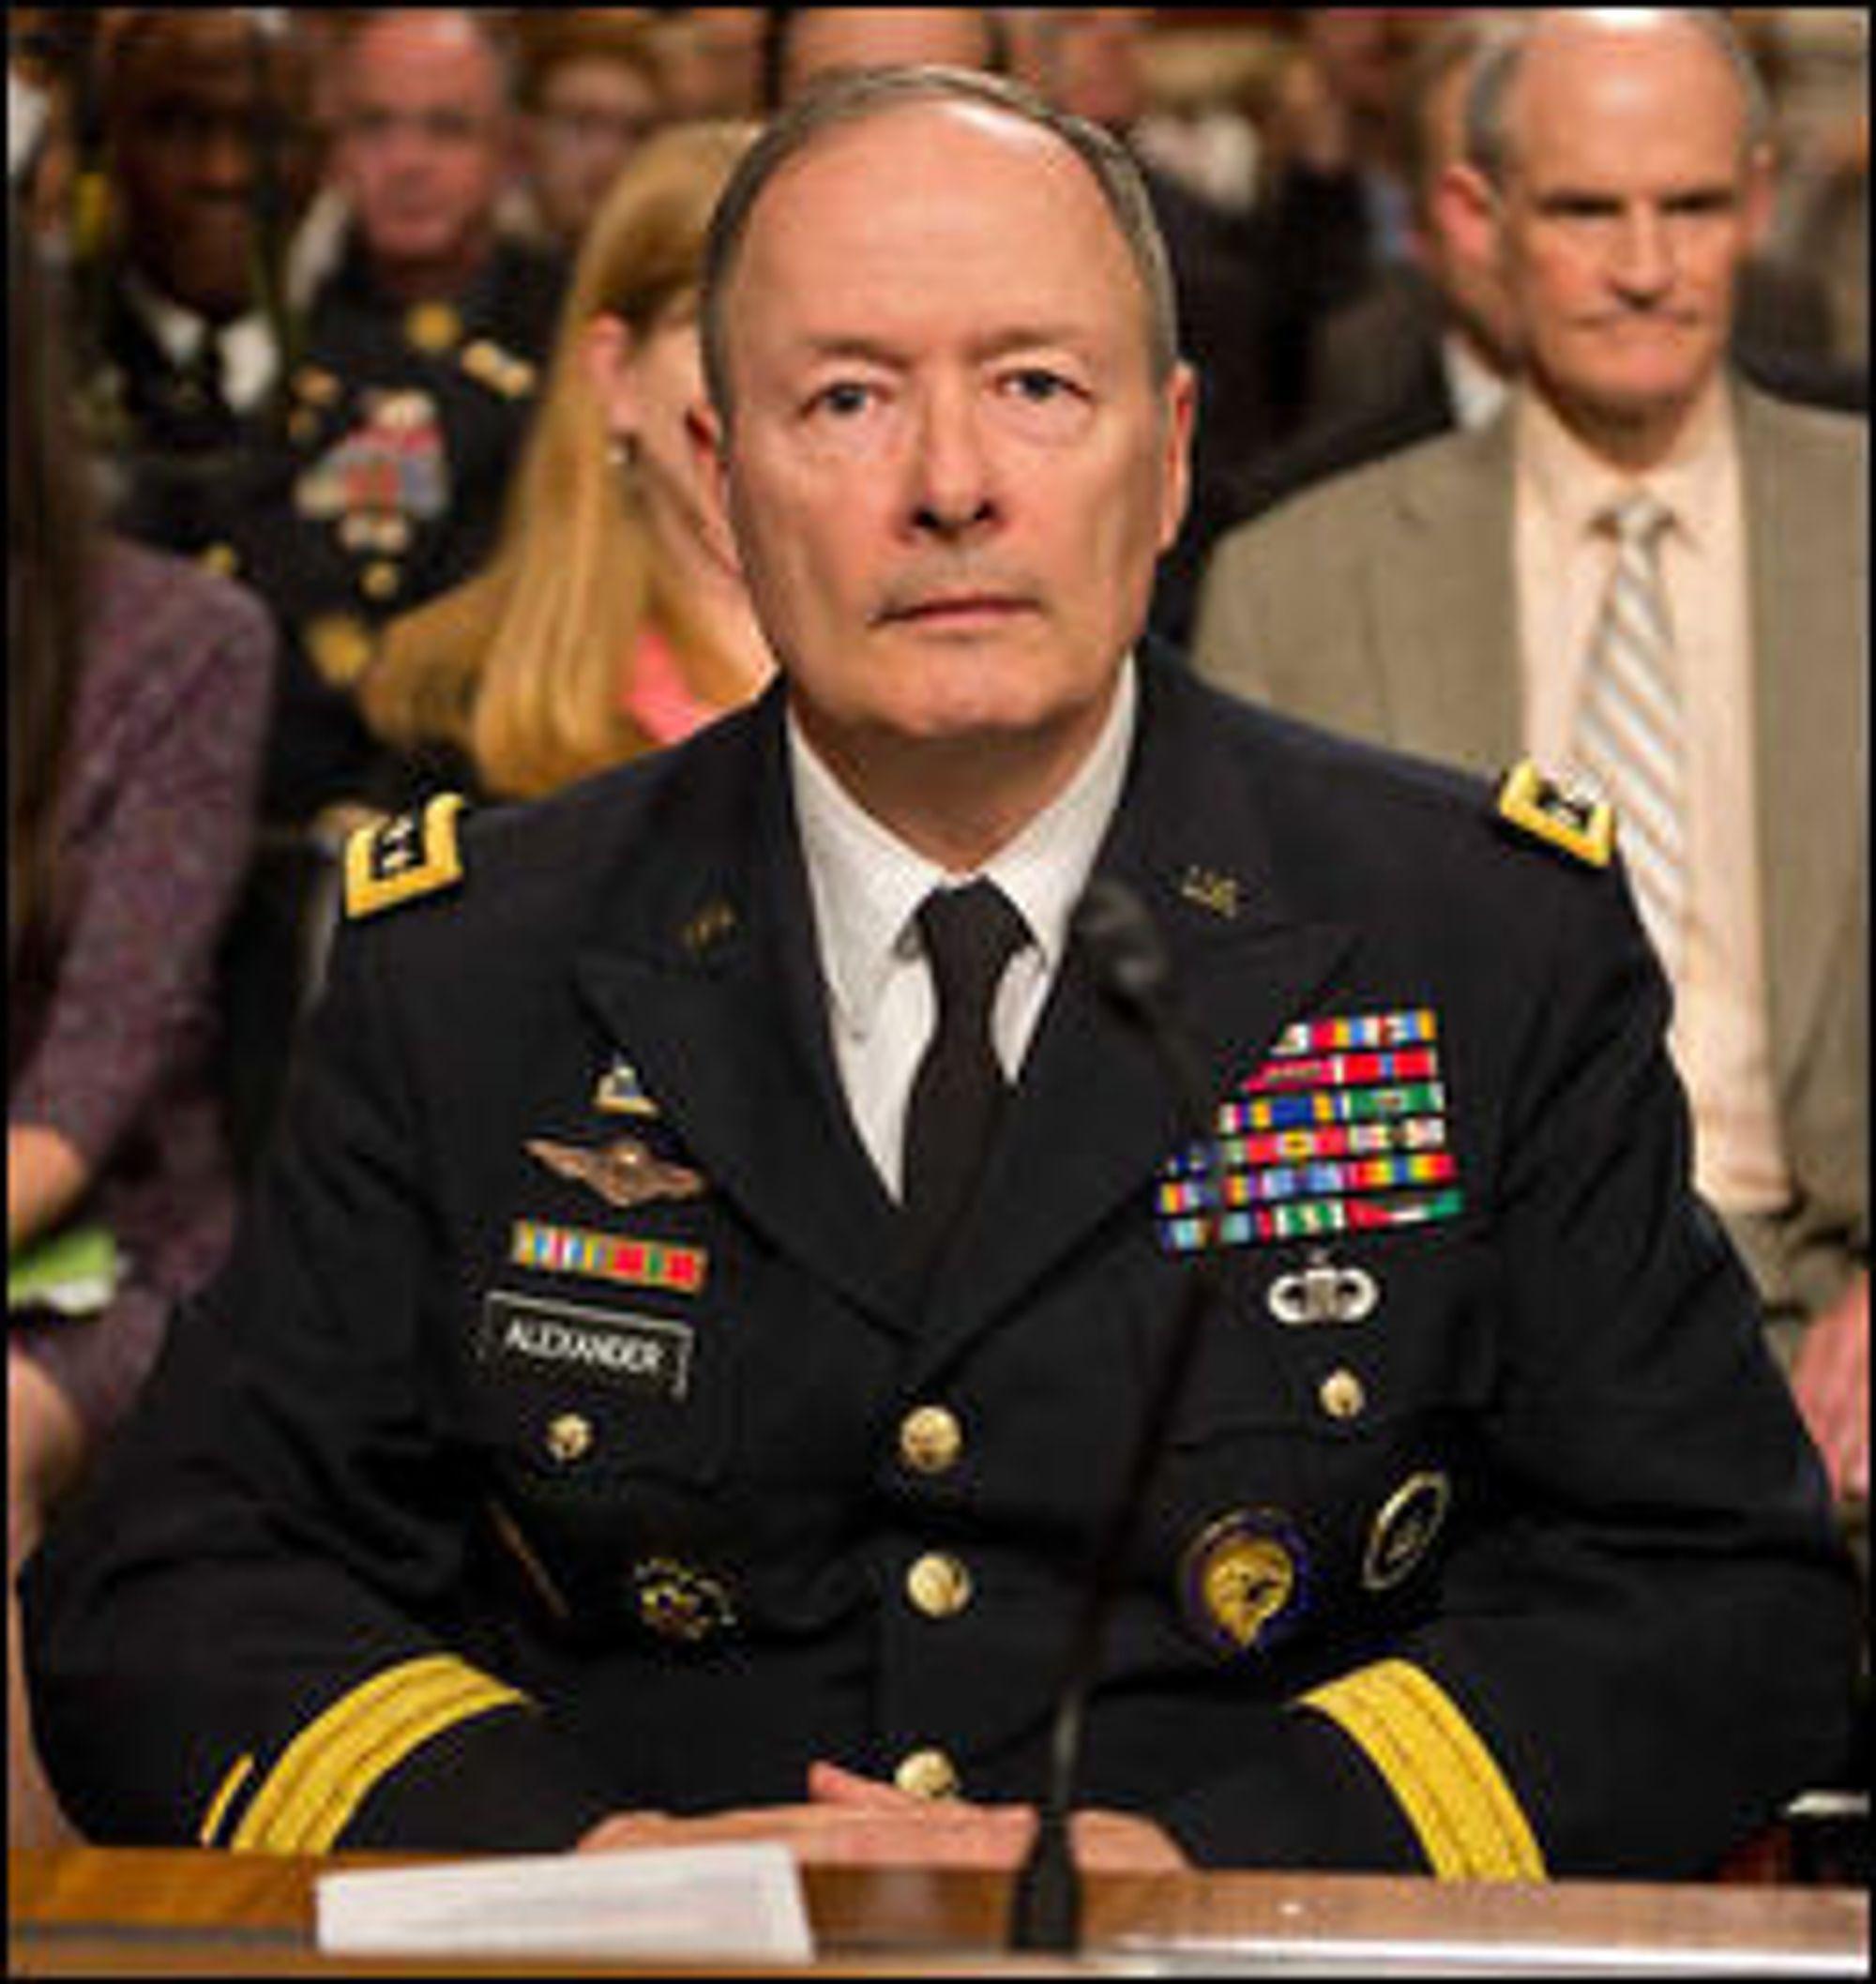 General Keith Alexander var NSA-direktør da de første avsløringene kom fra Edward Snowden. Alexander gikk av med pensjon i slutten av mars i år. Nå ledes NSA av admiral Michael Rogers.